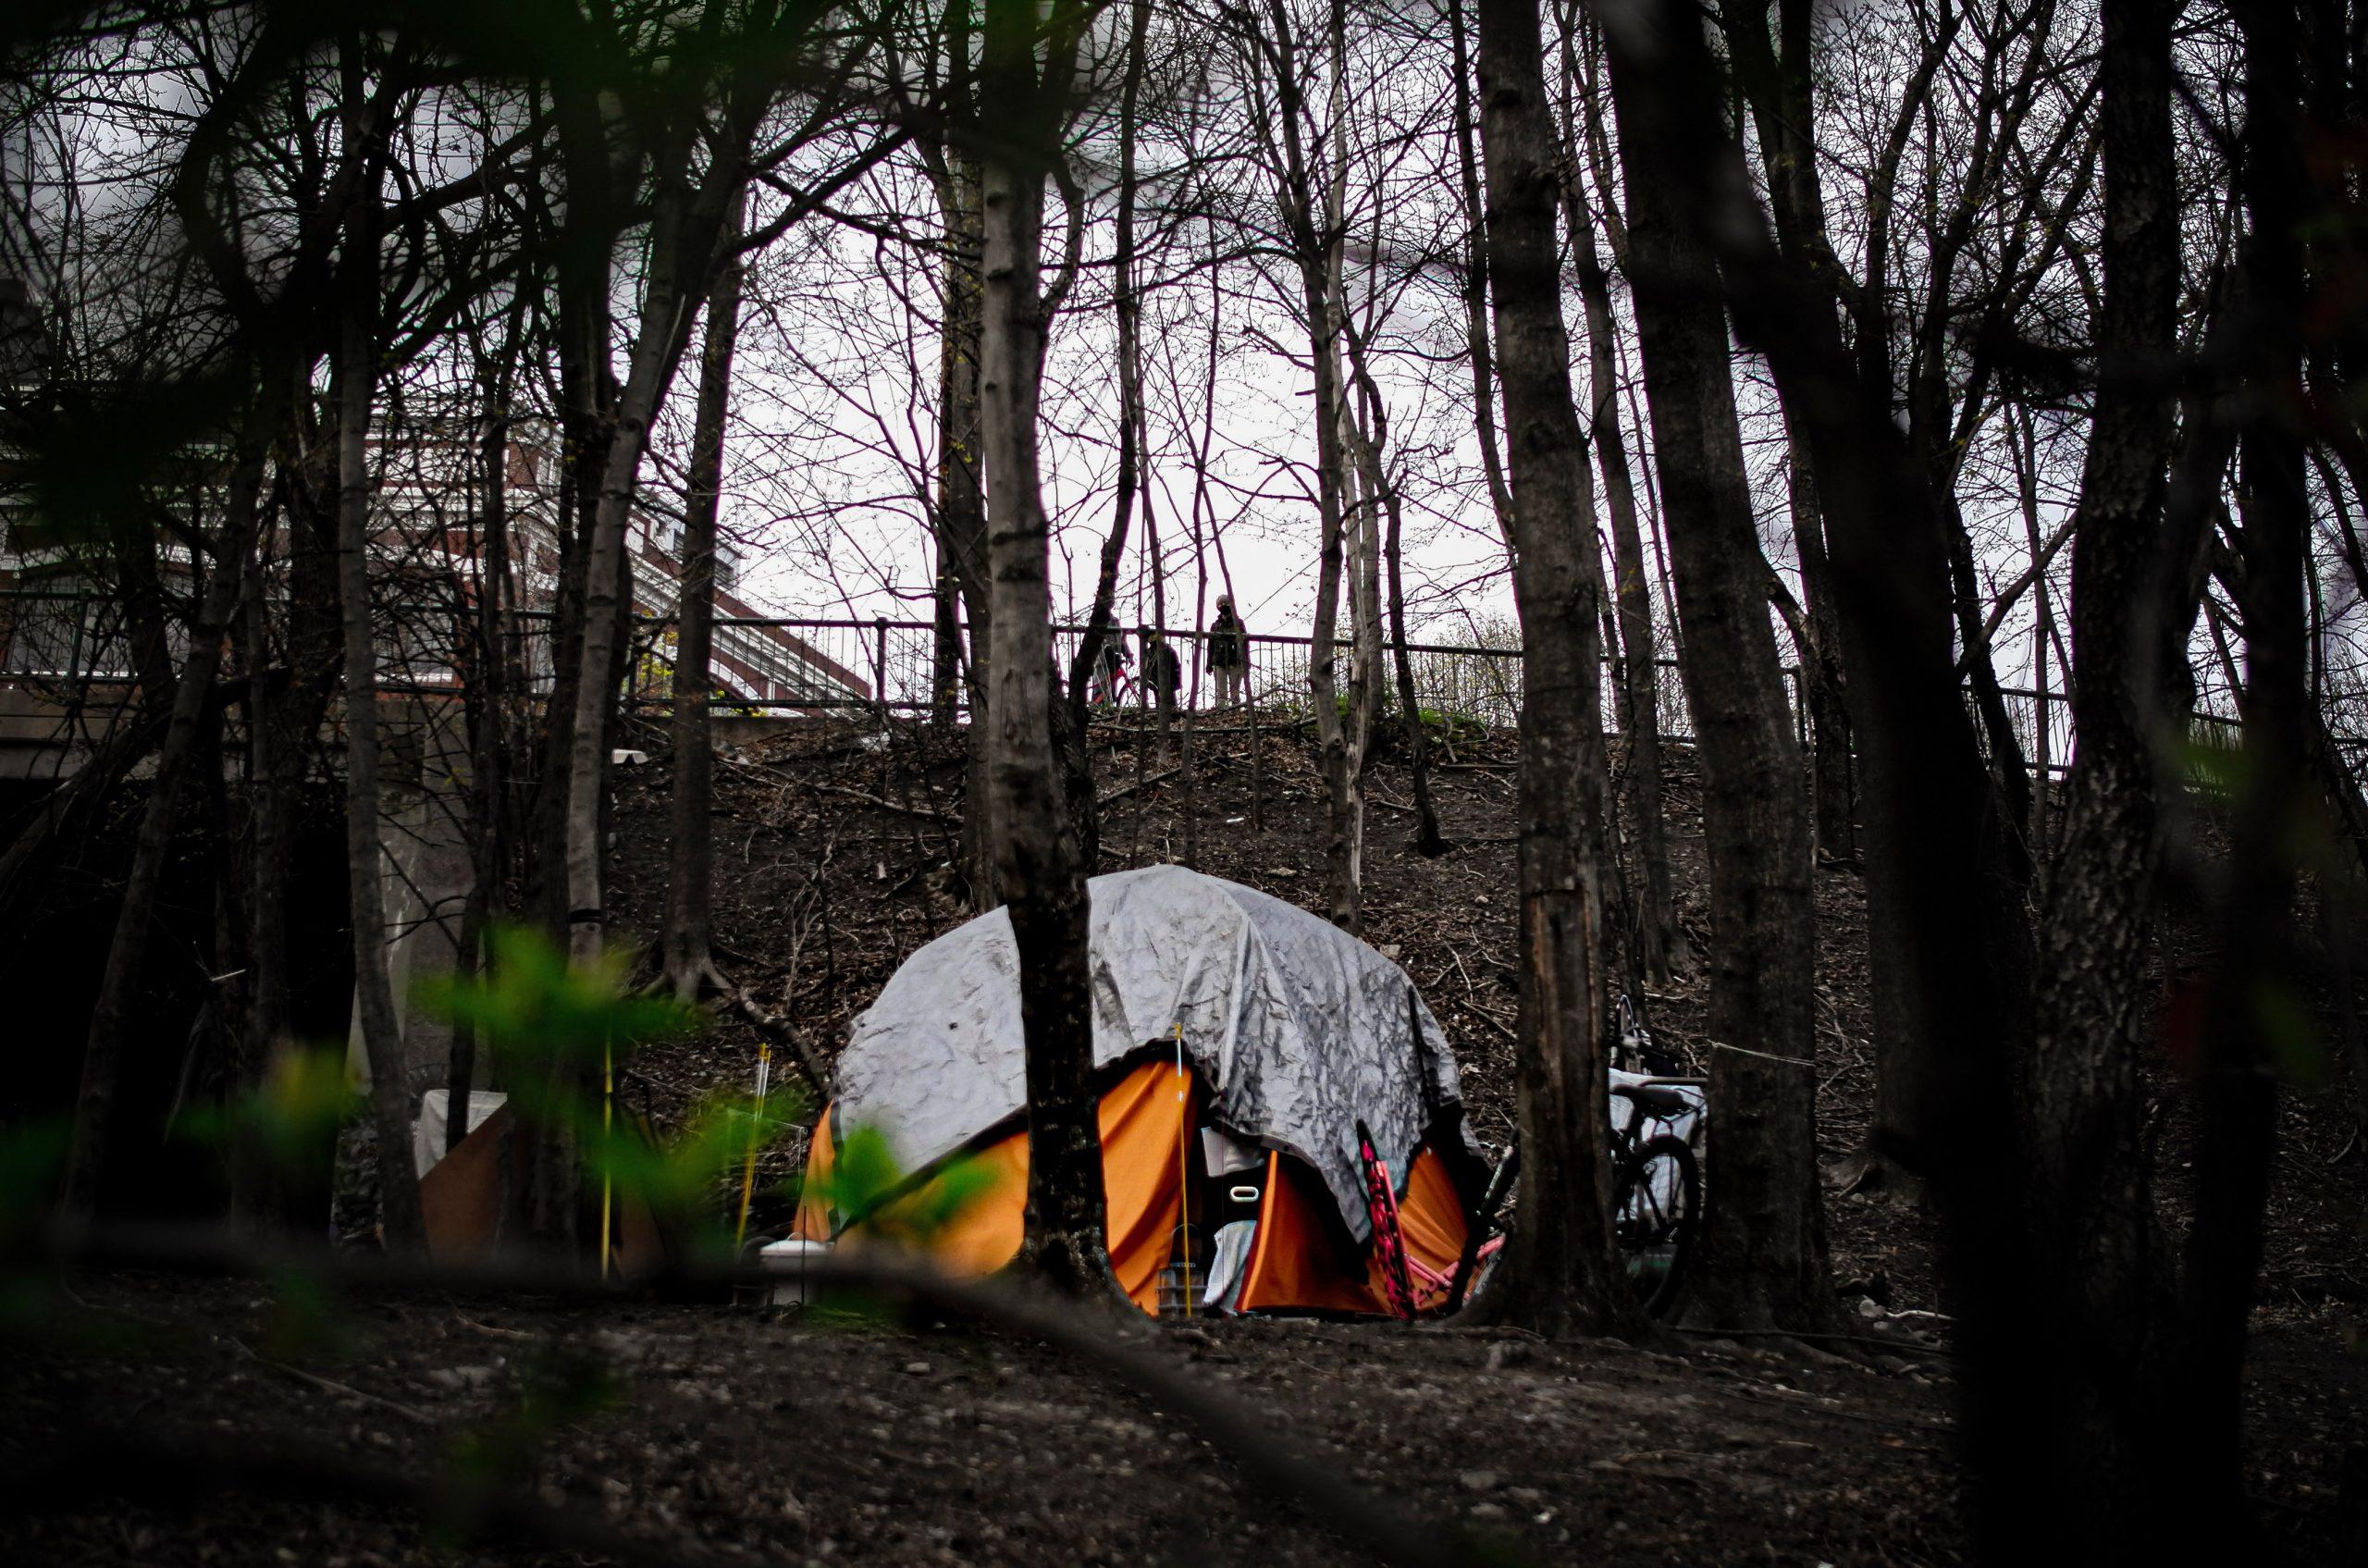 Boston encampment